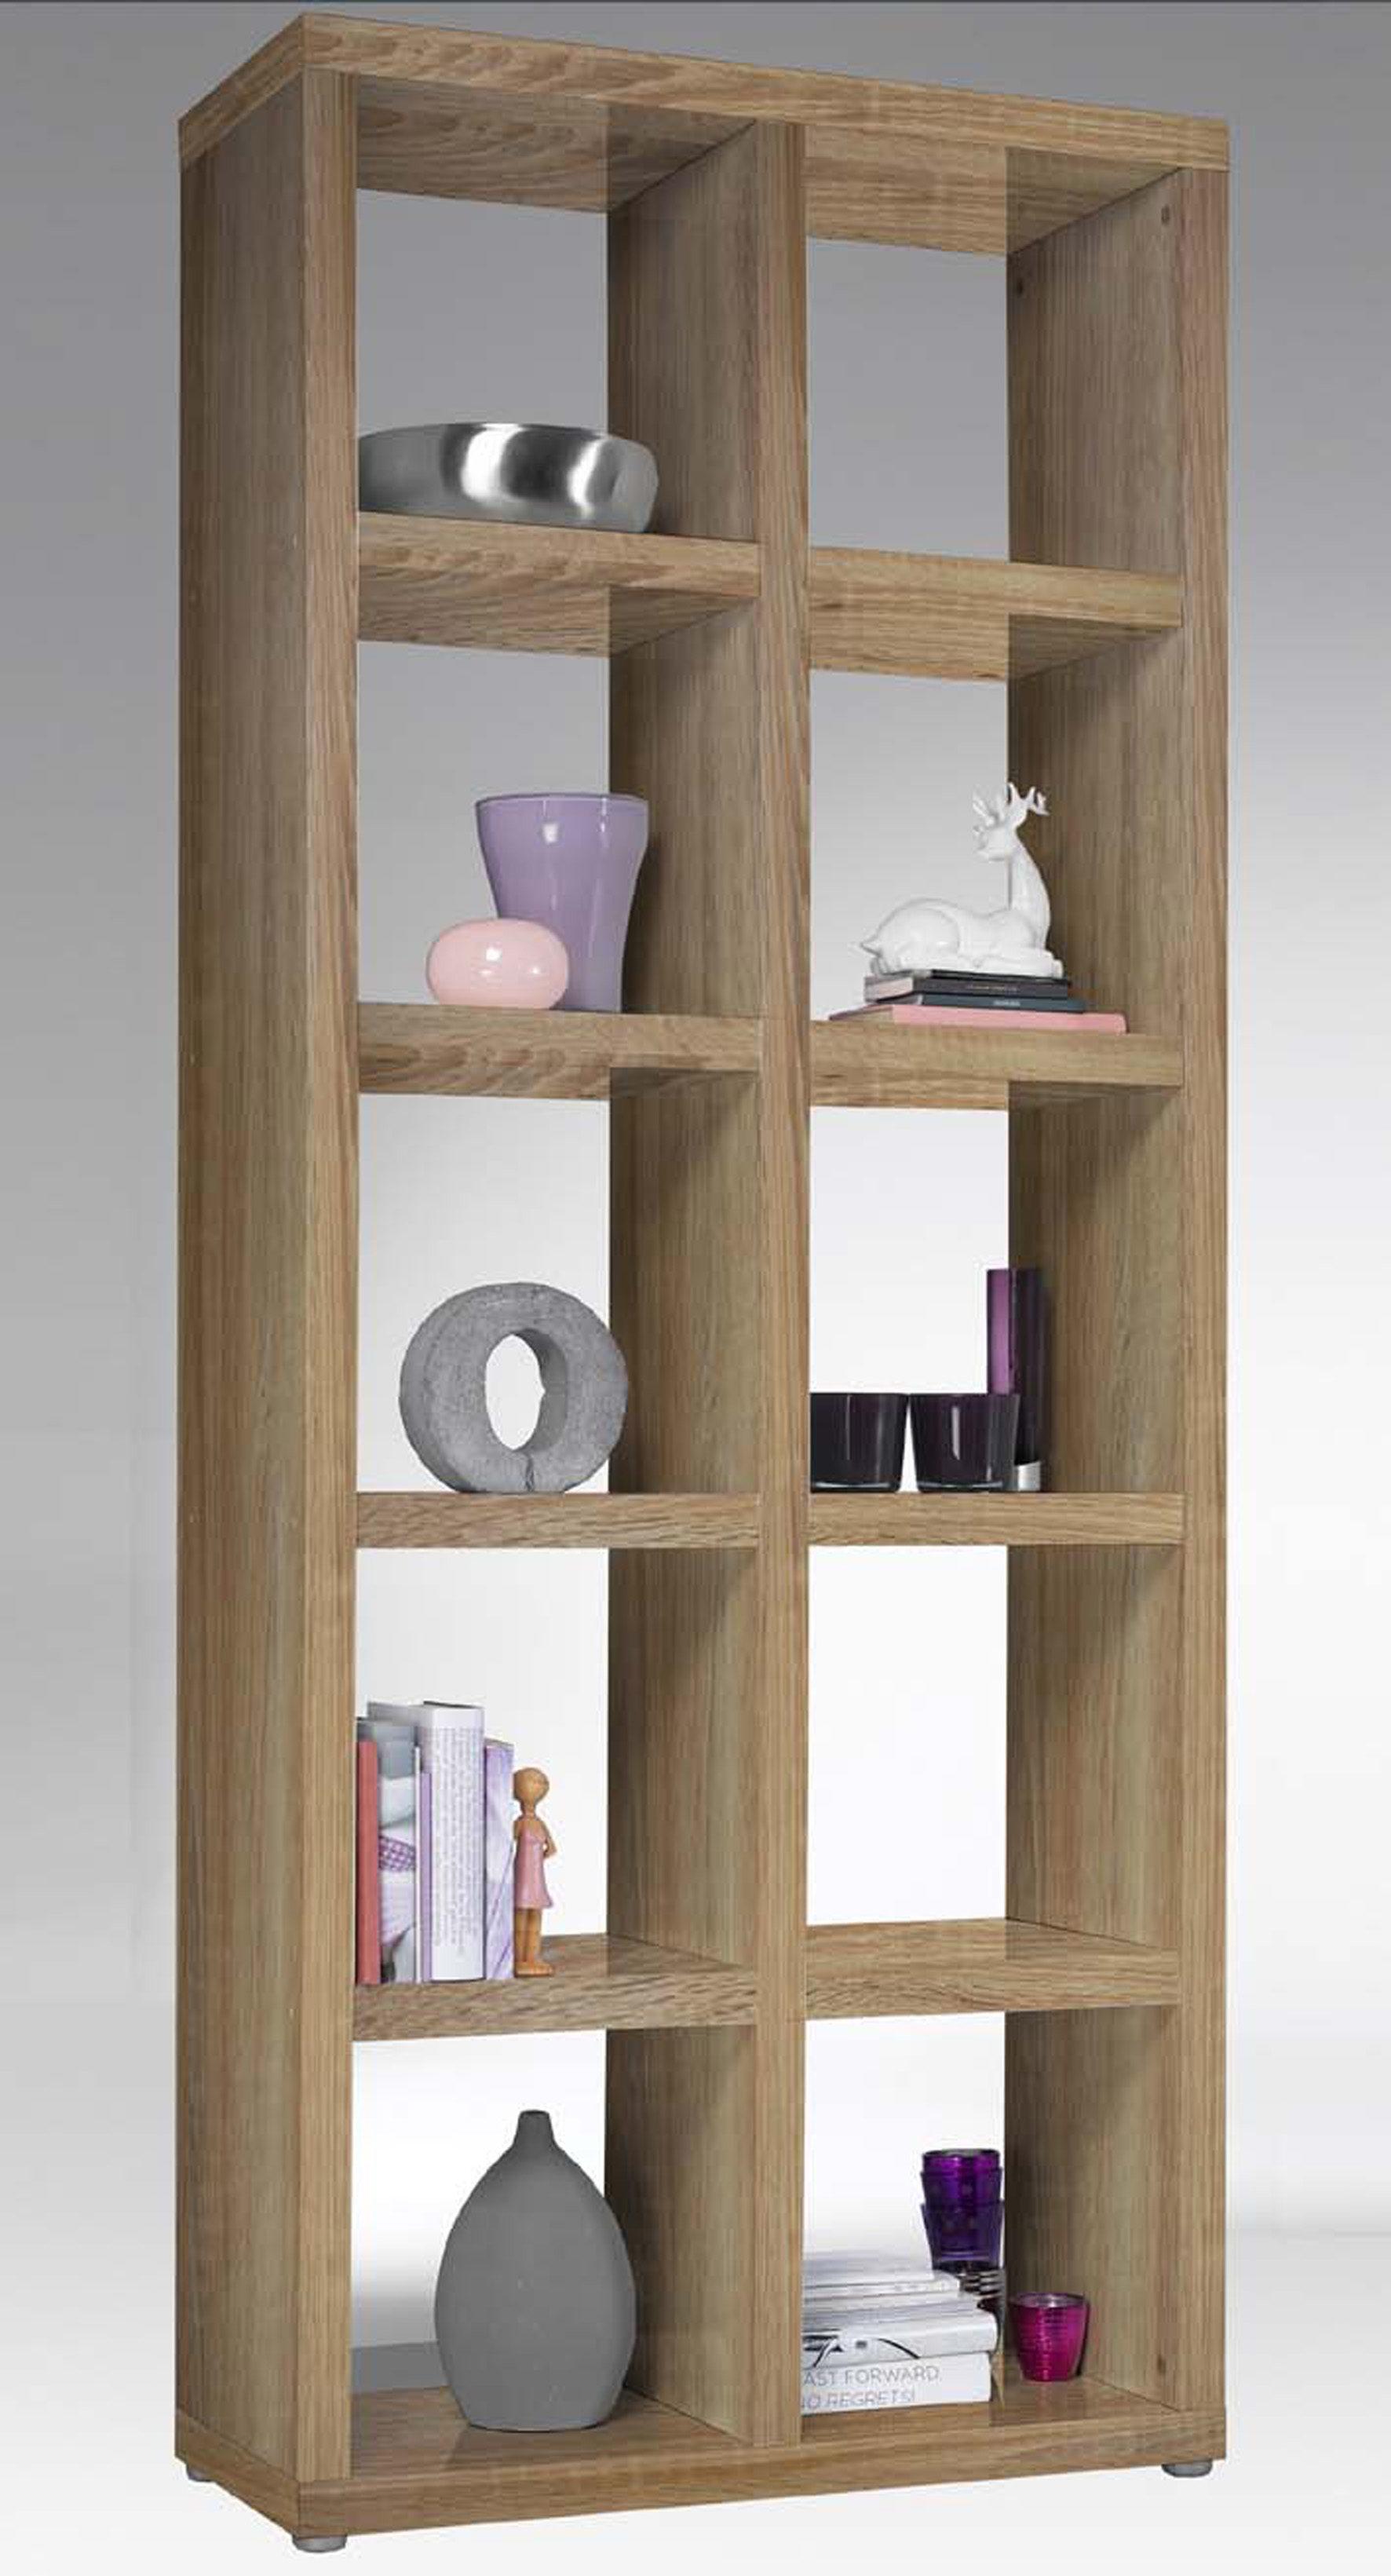 Raumteiler-Regal Space als Bücherregal einsetzbar, eichefarben ...